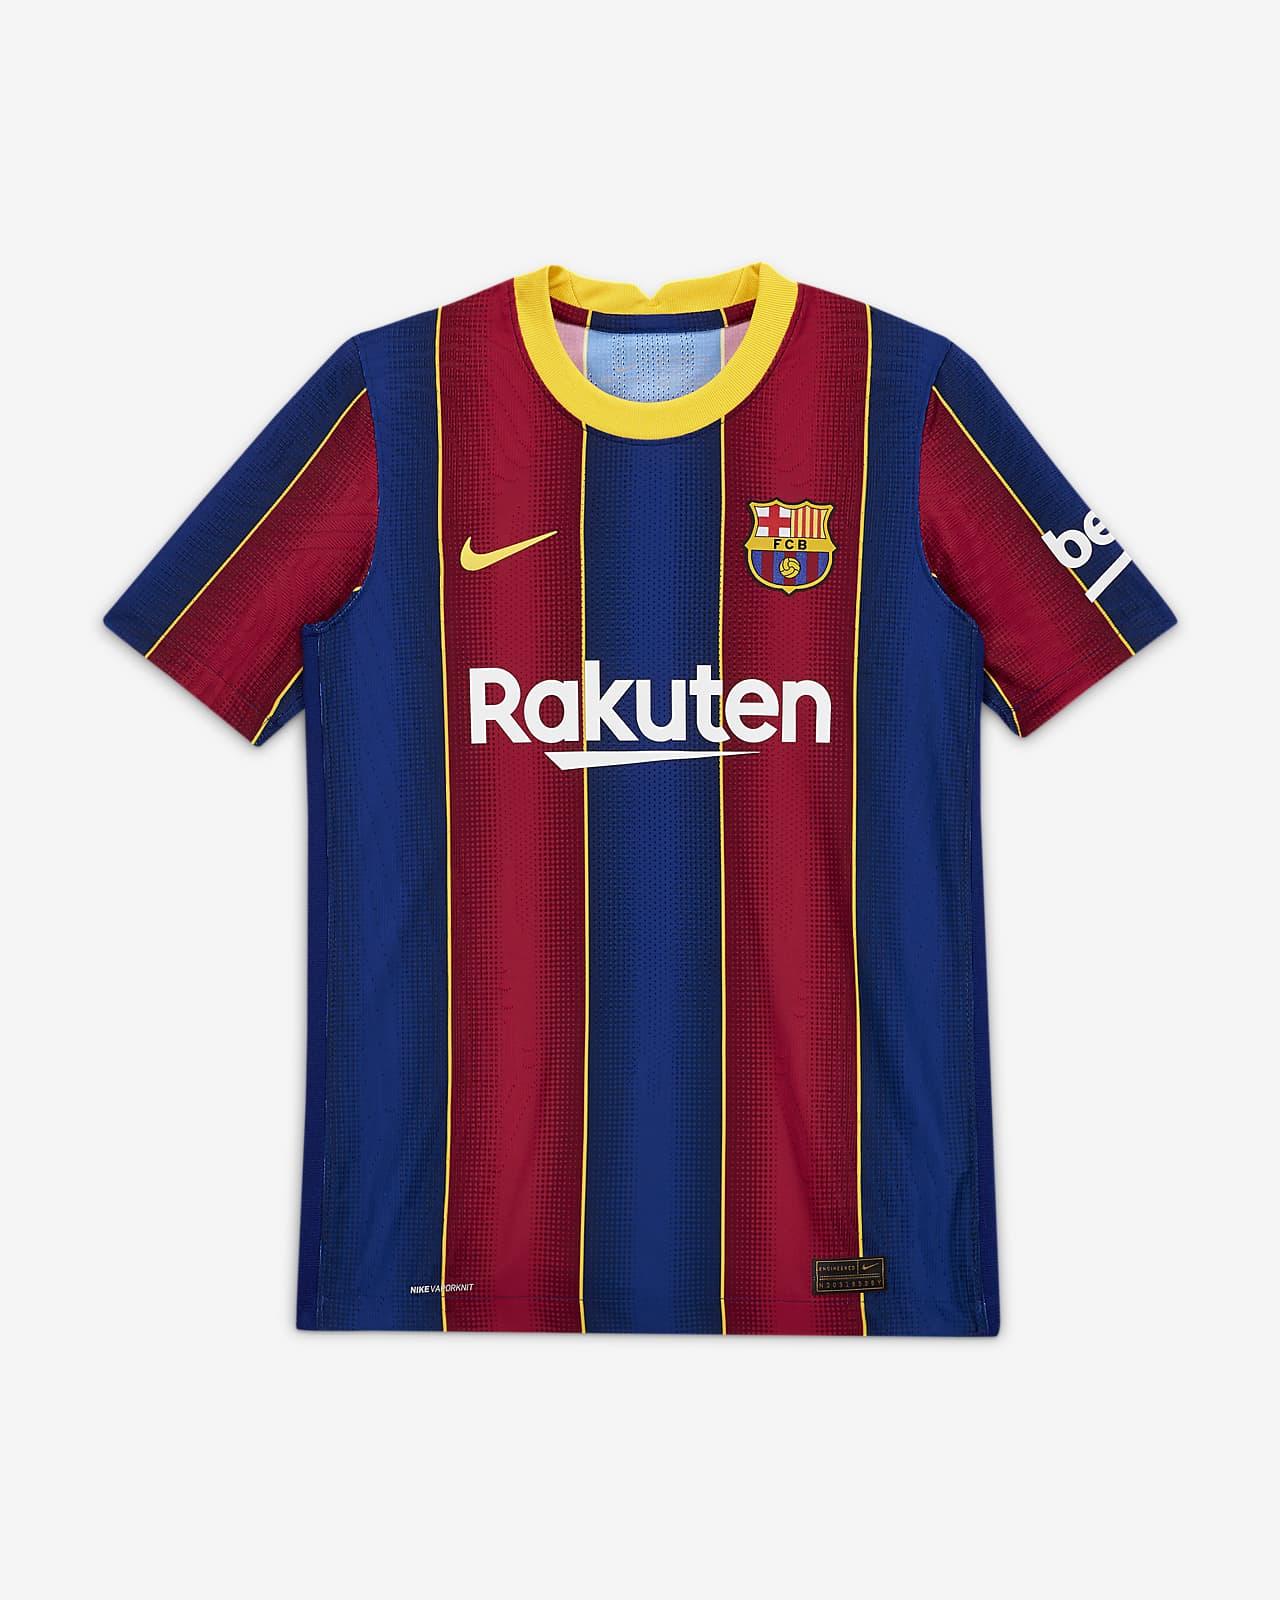 f c barcelona 2020 21 vapor match home older kids football shirt nike au f c barcelona 2020 21 vapor match home older kids football shirt